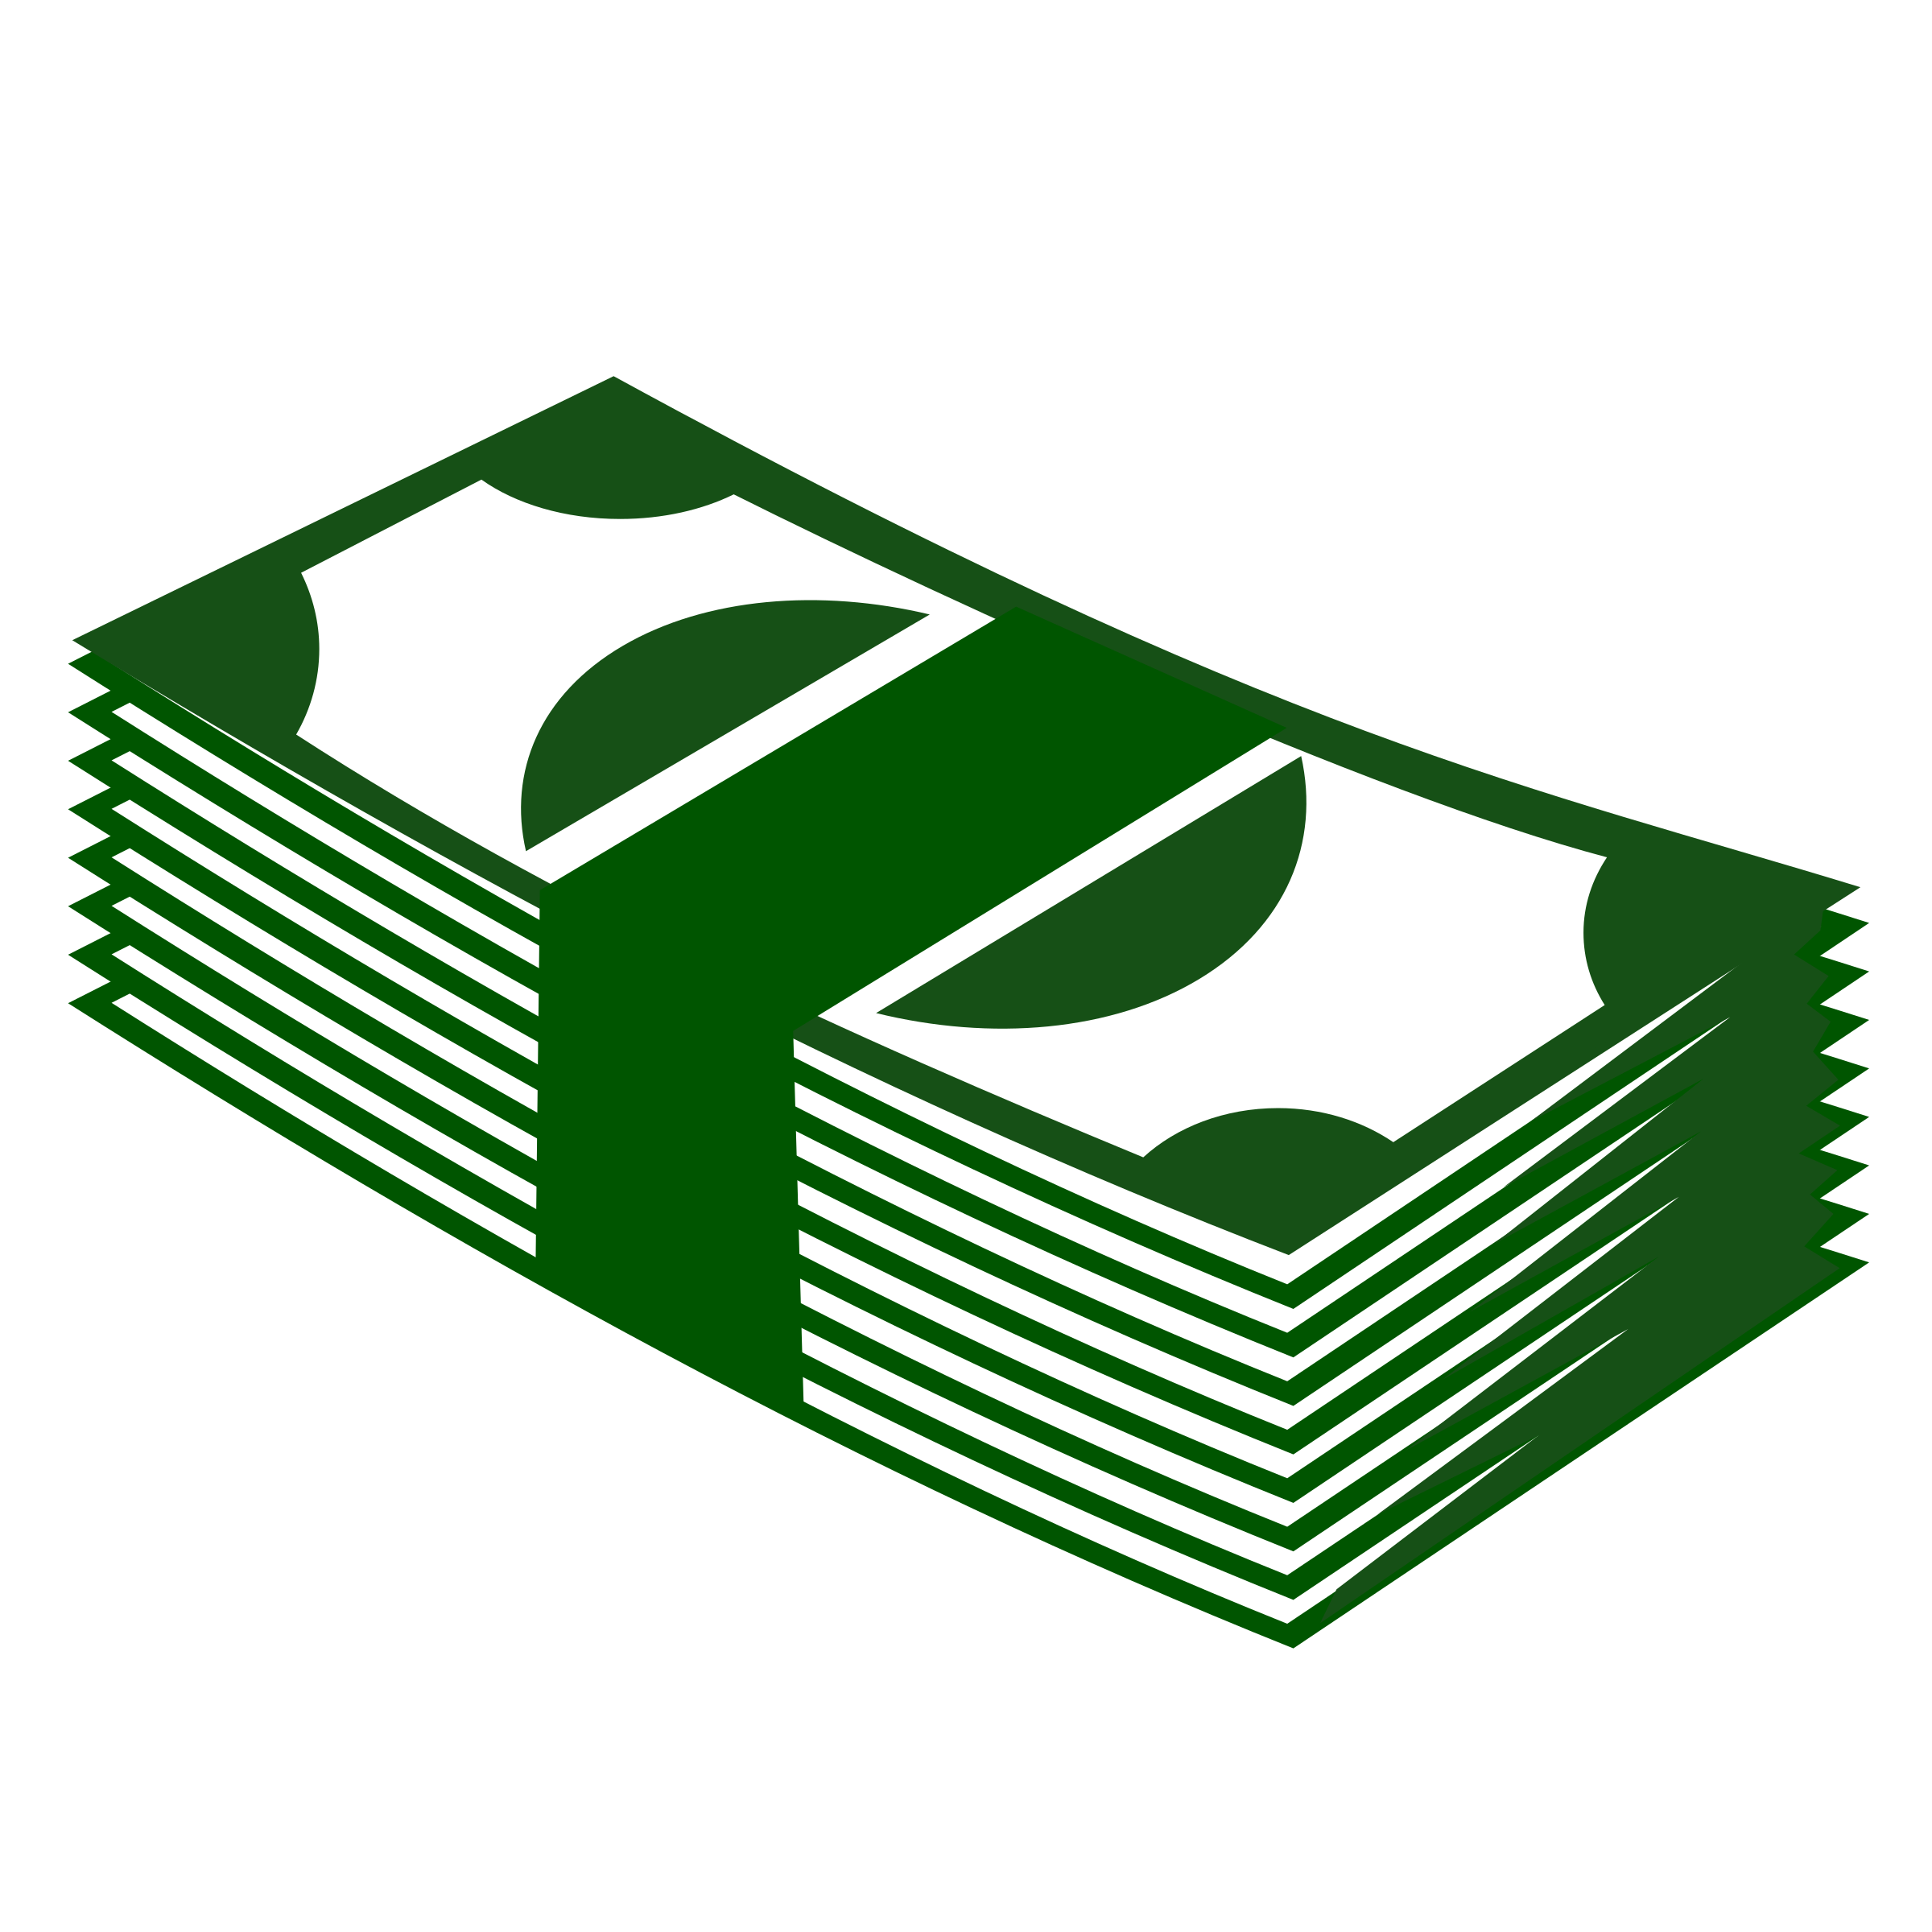 money clipart-money clipart-11